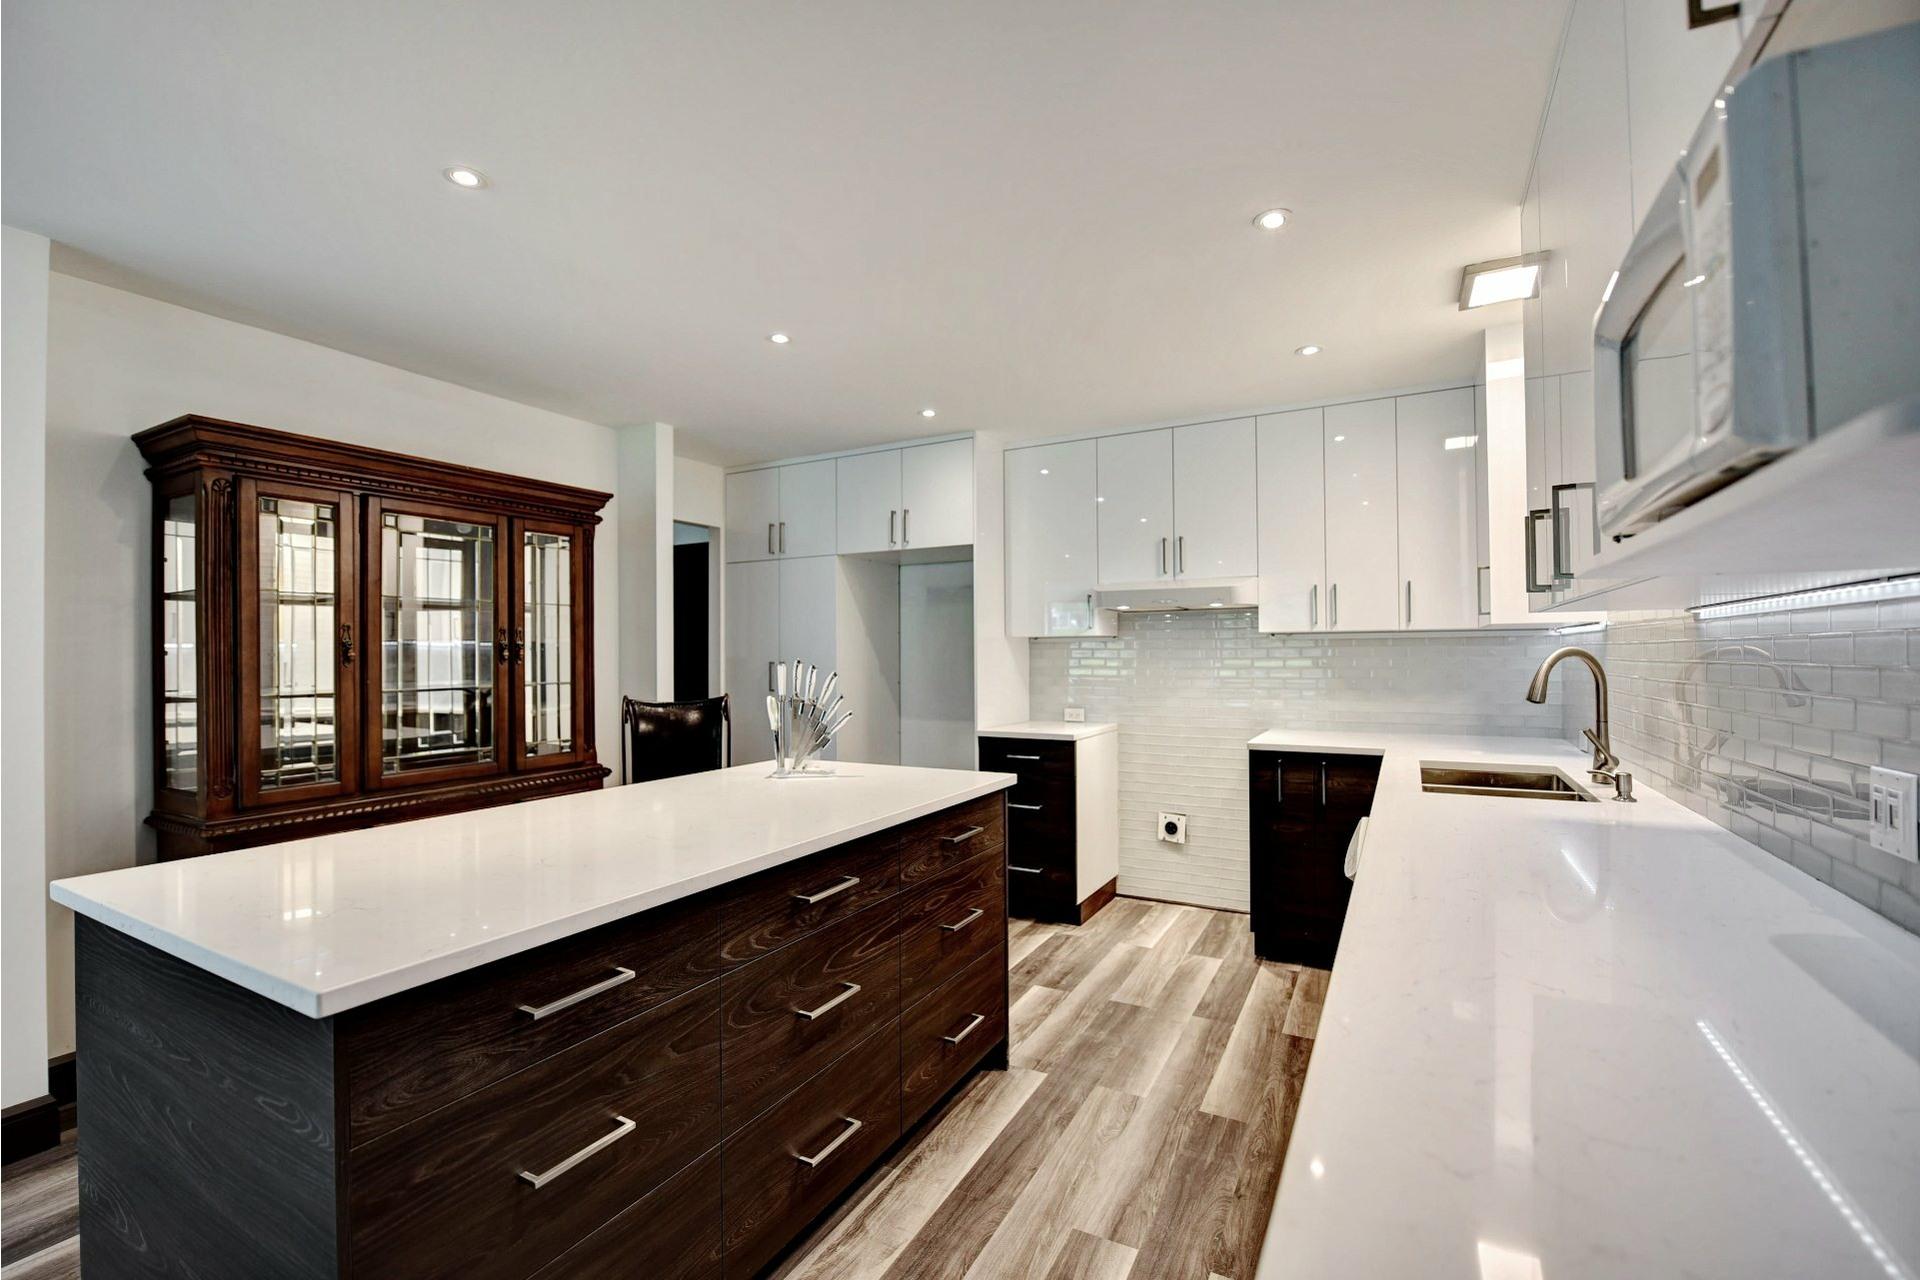 image 12 - Appartement À vendre Montréal Verdun/Île-des-Soeurs  - 8 pièces